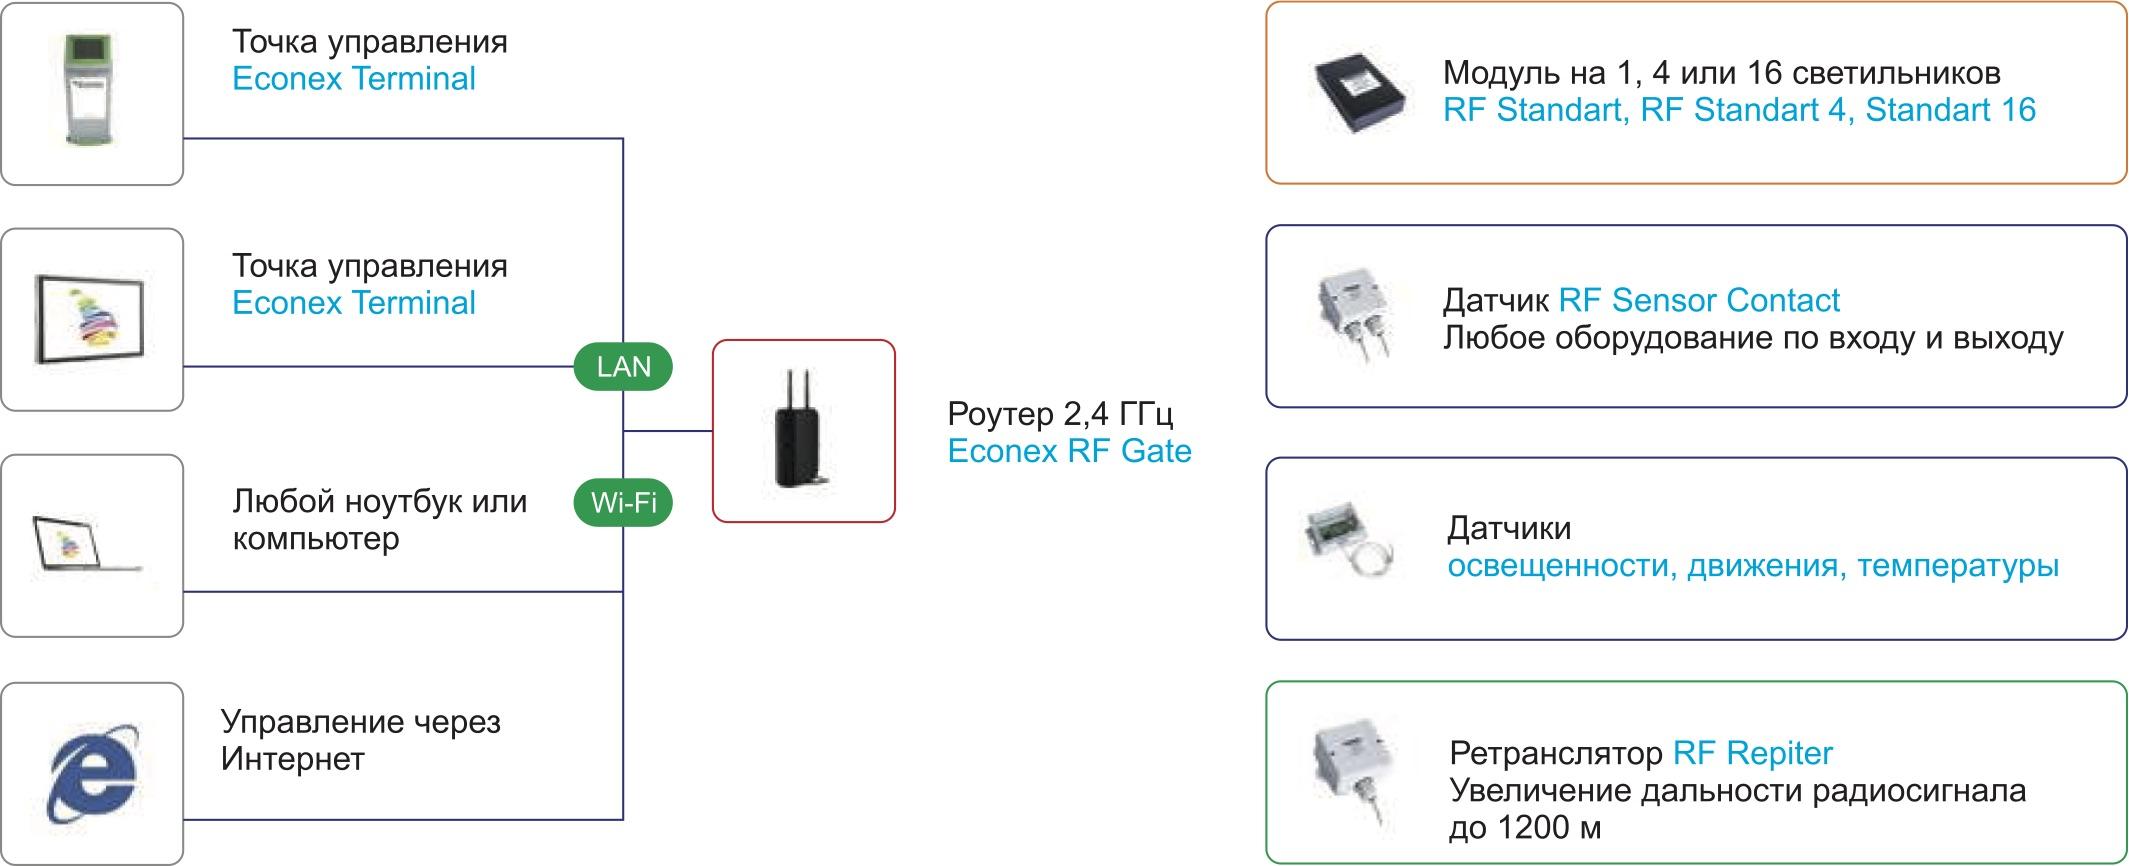 Схема работы СУ Econex Smart для крупного предприятия